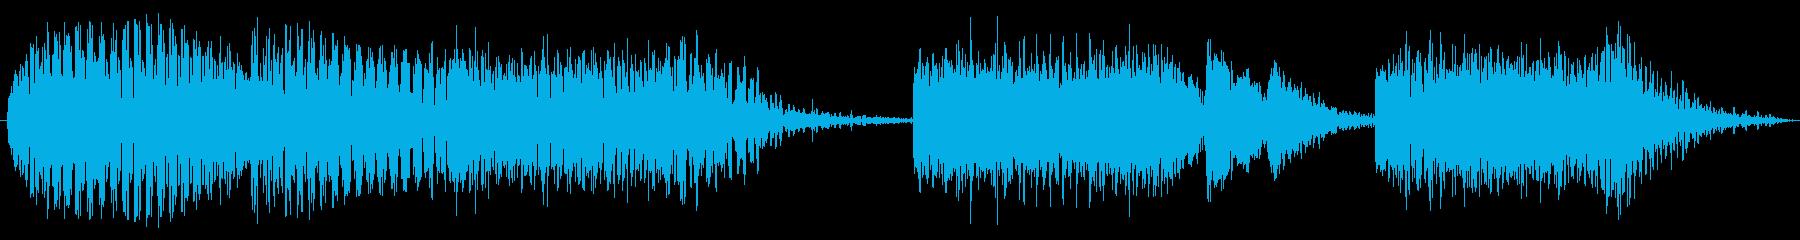 エレクトリックギター:ショートロックリフの再生済みの波形